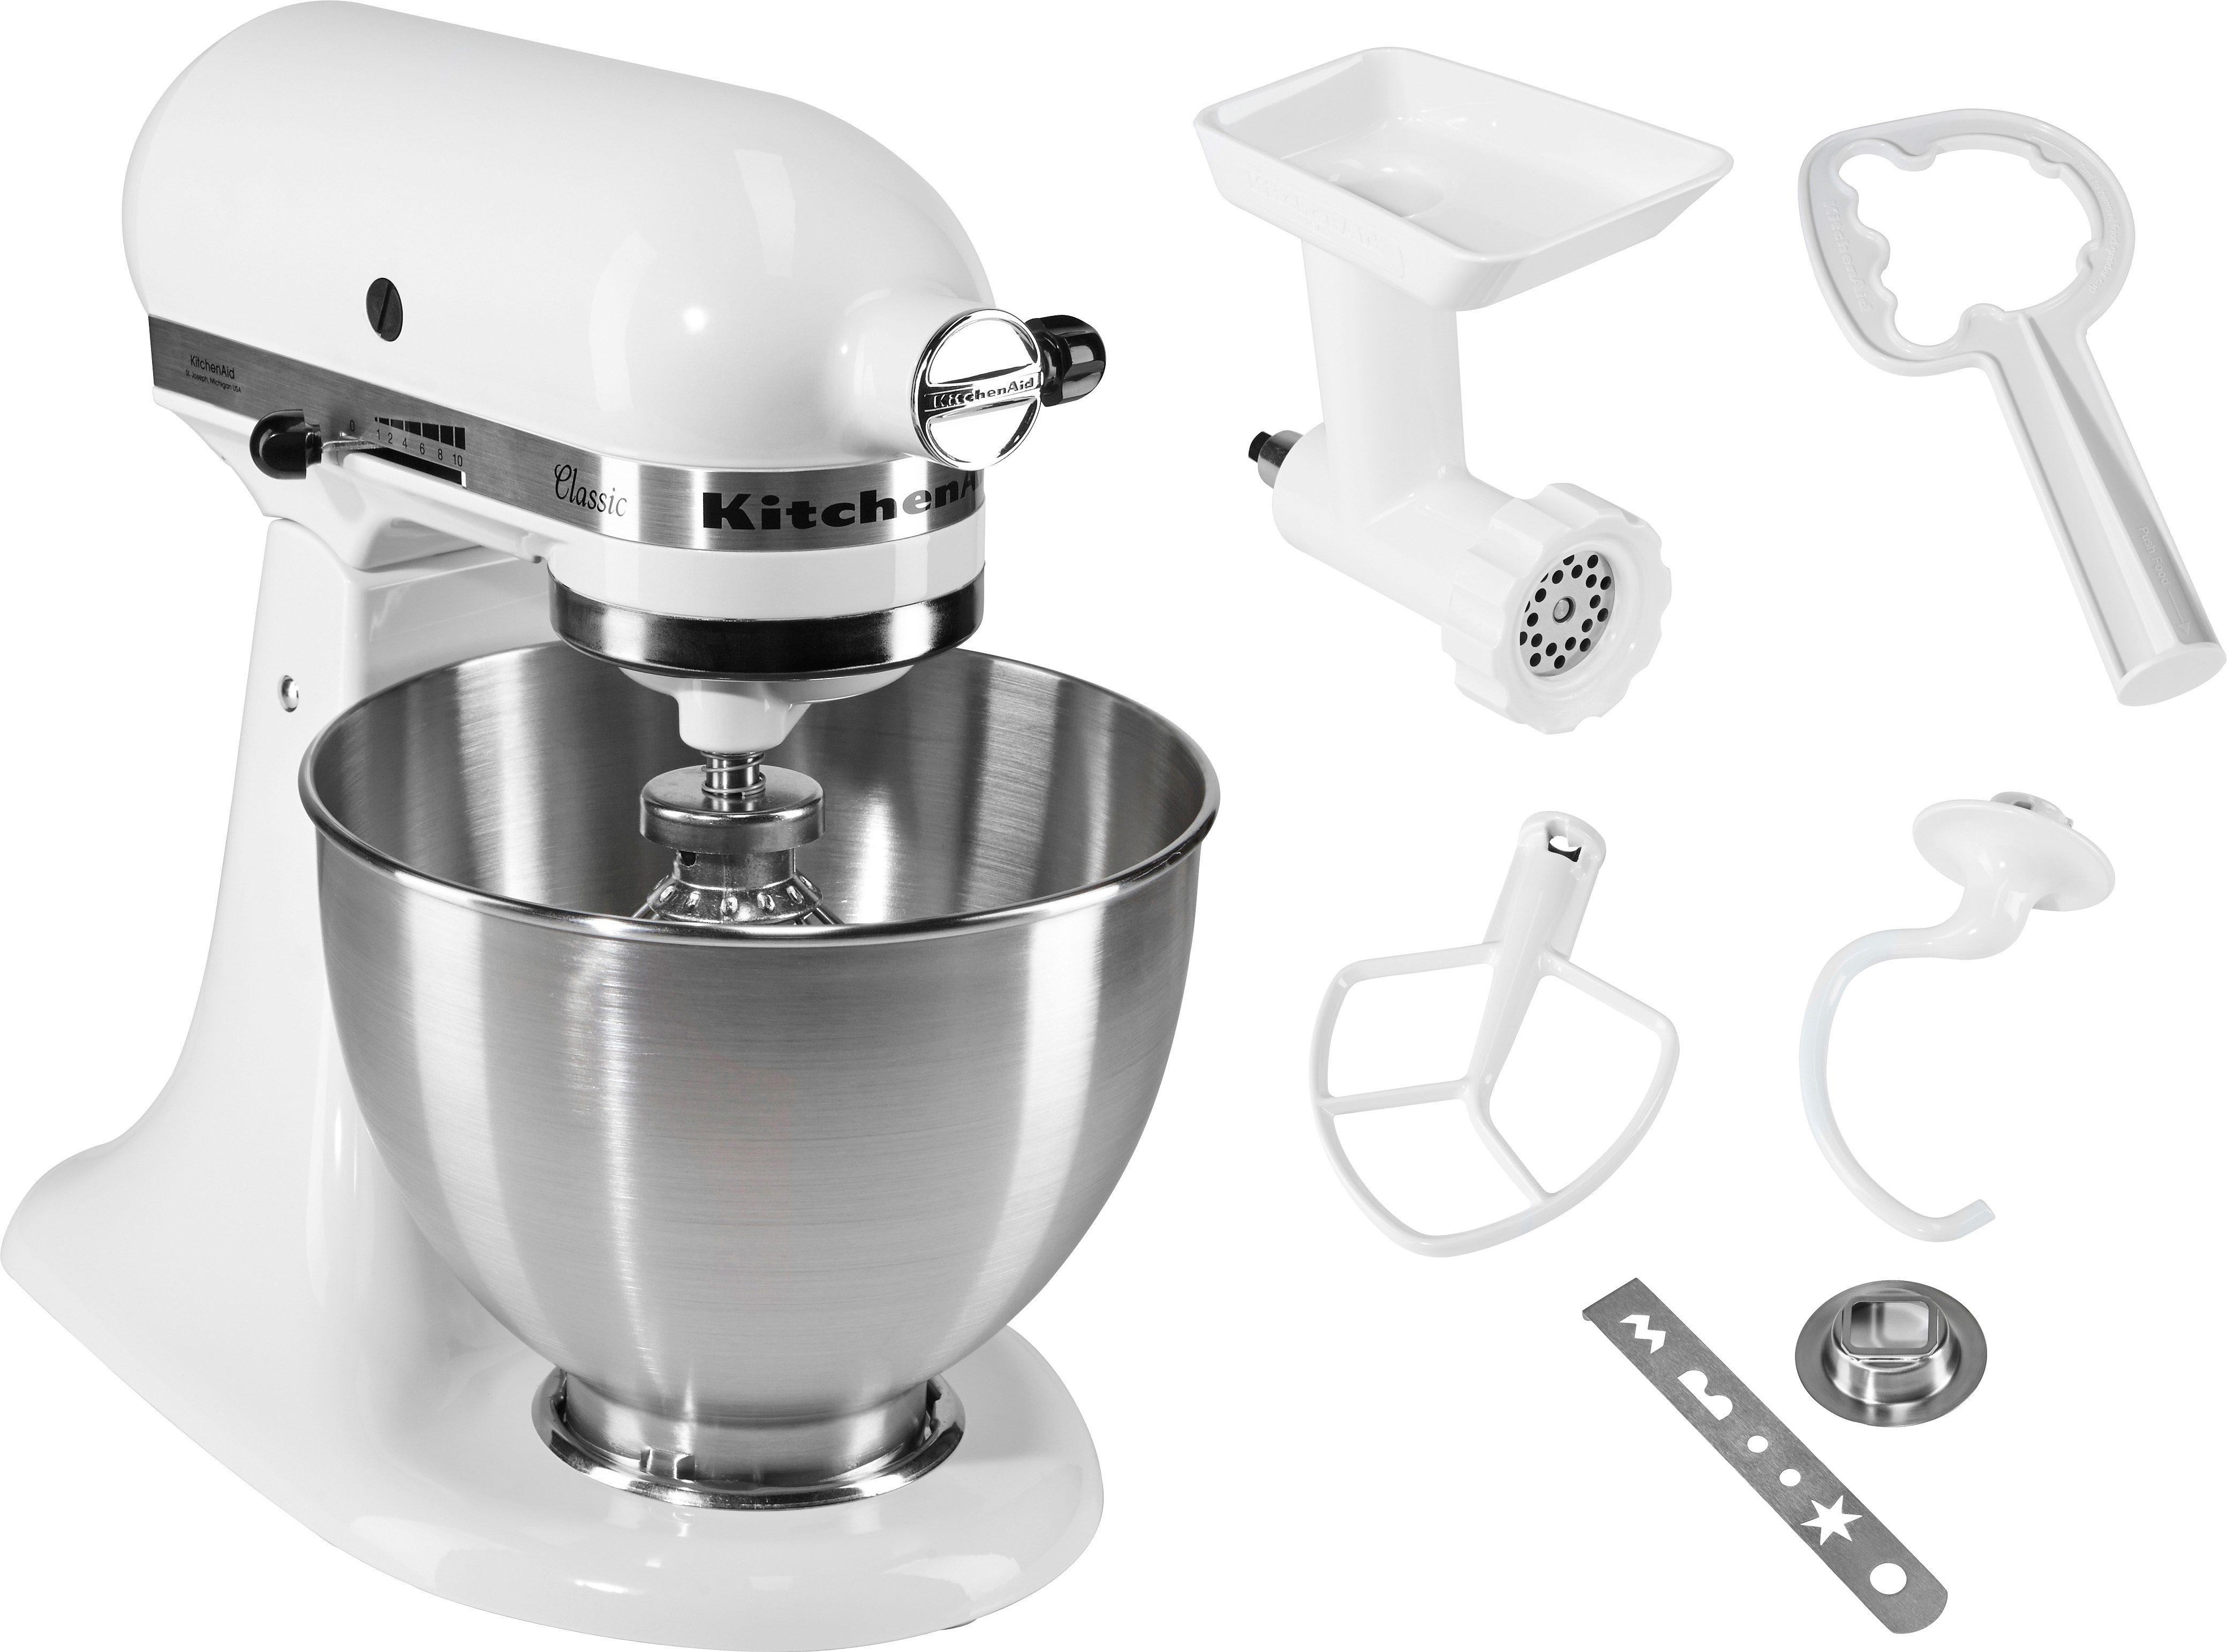 KitchenAid® Küchenmaschine Classic 5K45SS EWH inkl. Sonderzubehör im Wert von ca 90,- €